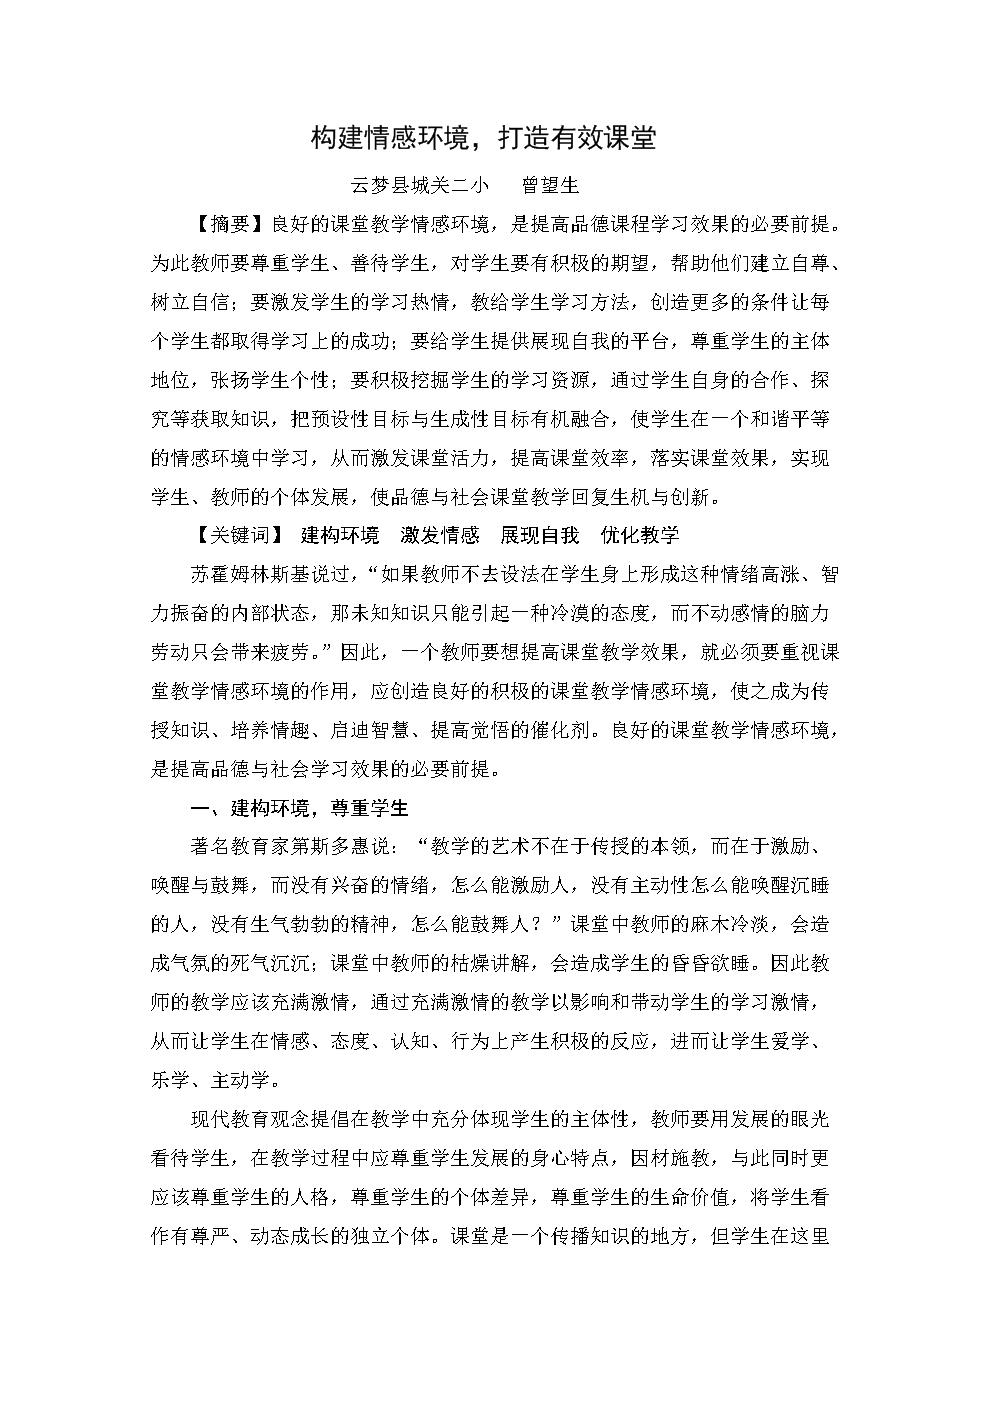 健康论文《构建情感环境,打造有效课堂》(云梦县城关二小曾望生).doc